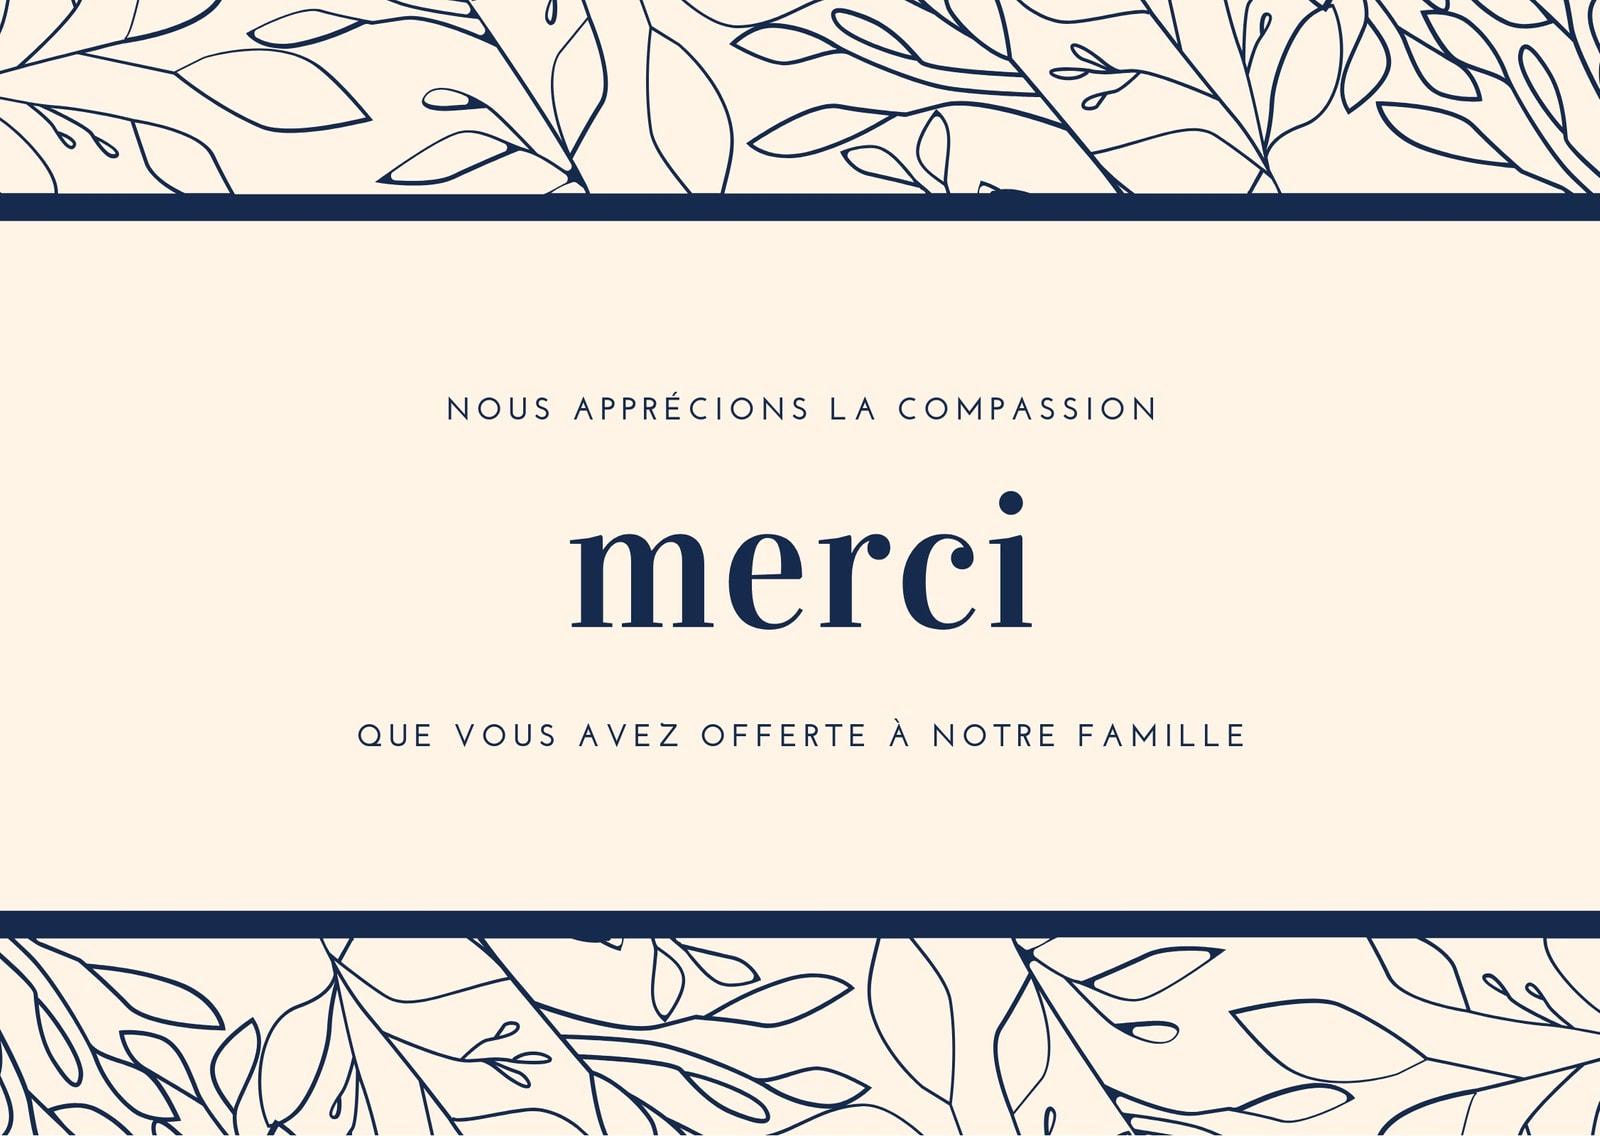 Crème et Bleu Marine Feuillage Bordure Compassion Remerciement Carte